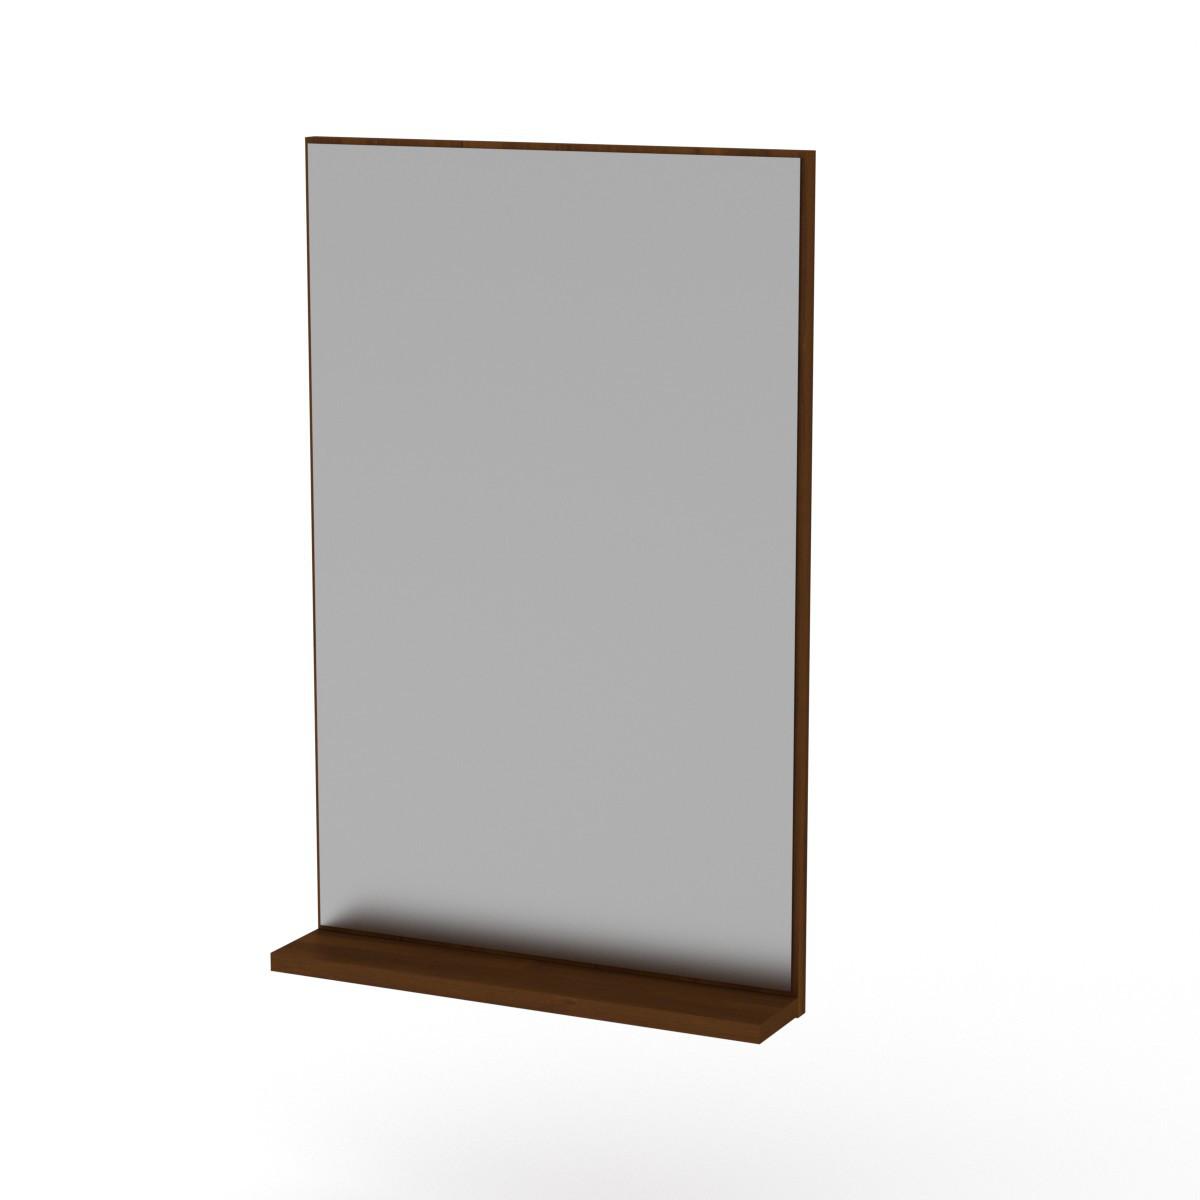 Зеркало-2 орех экко Компанит